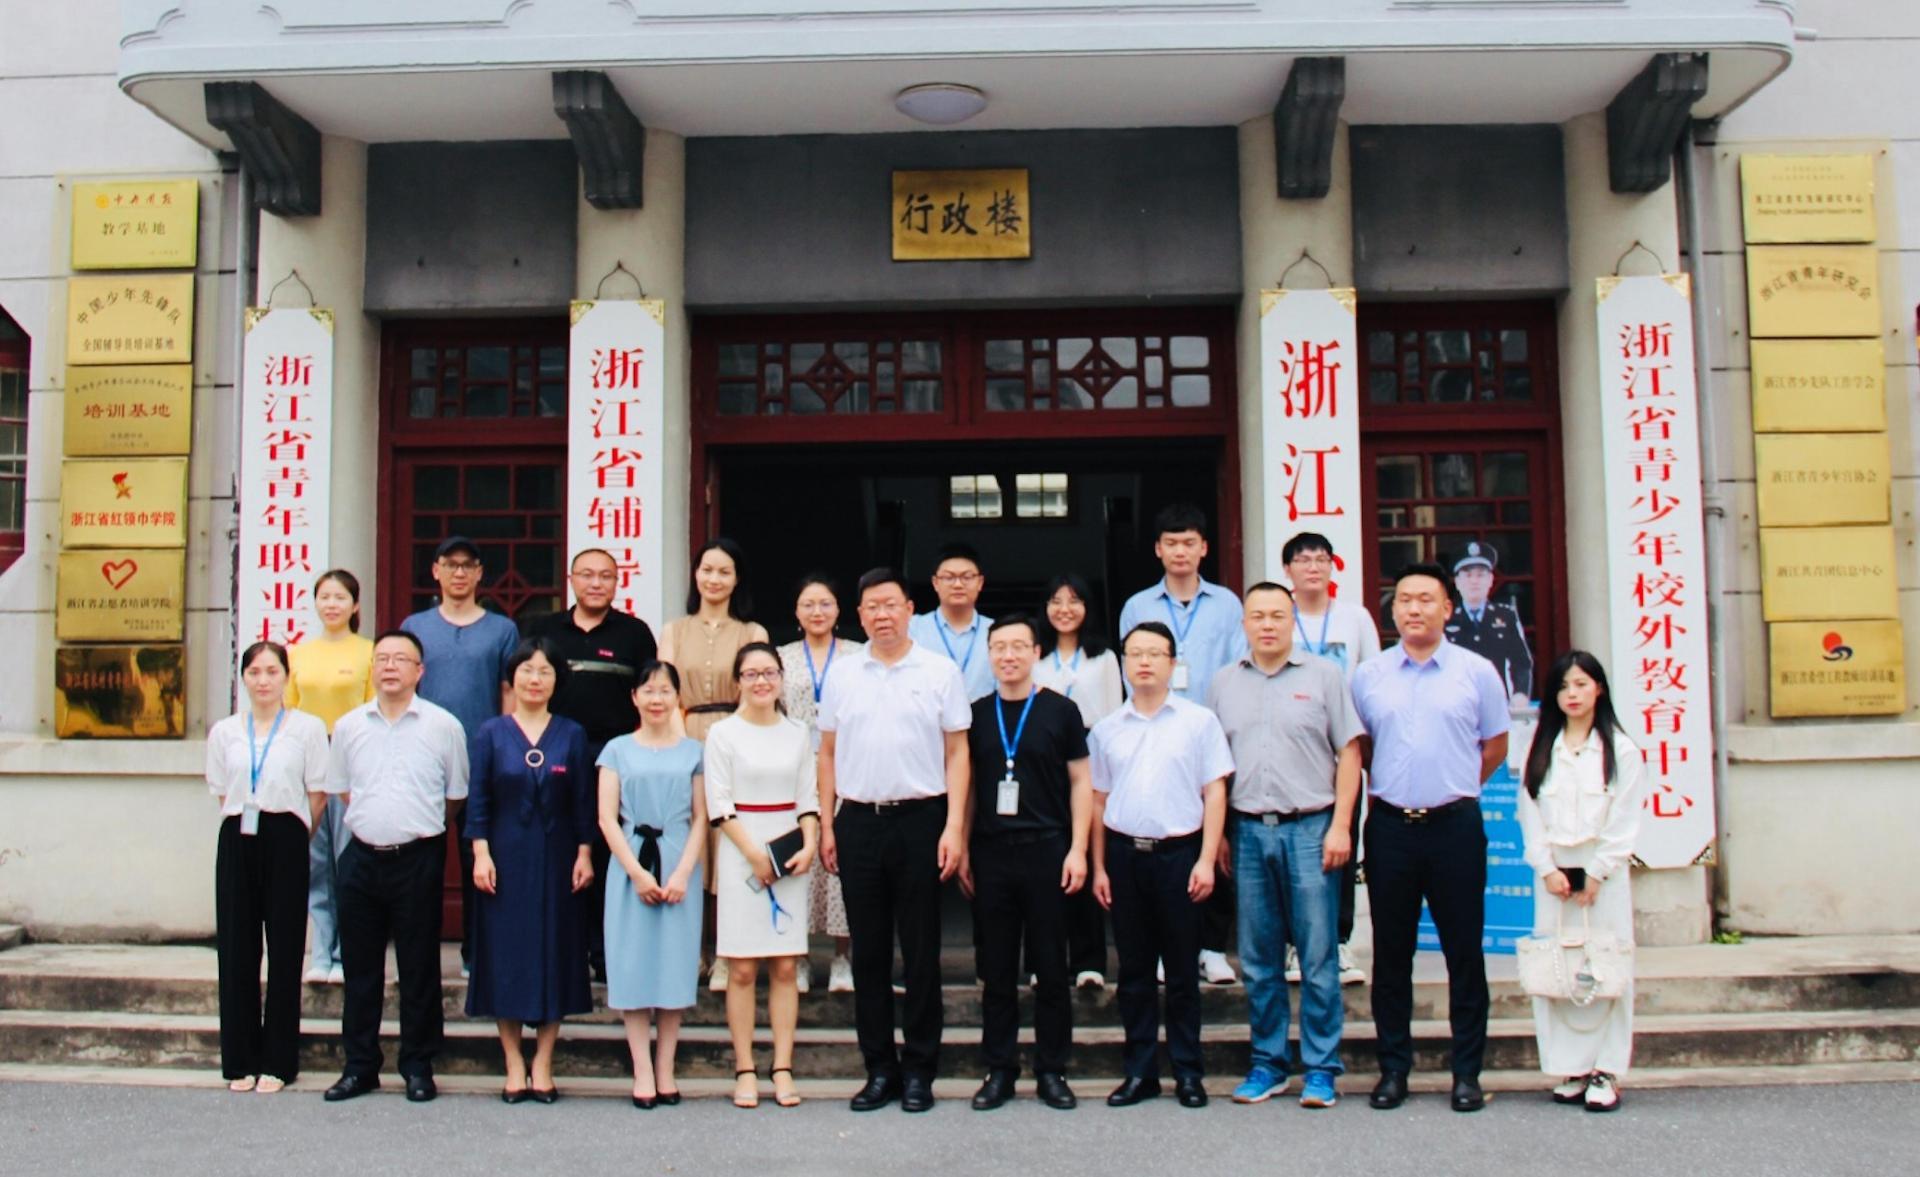 浙江商业职业技术学院校长张宝忠、副校长谢